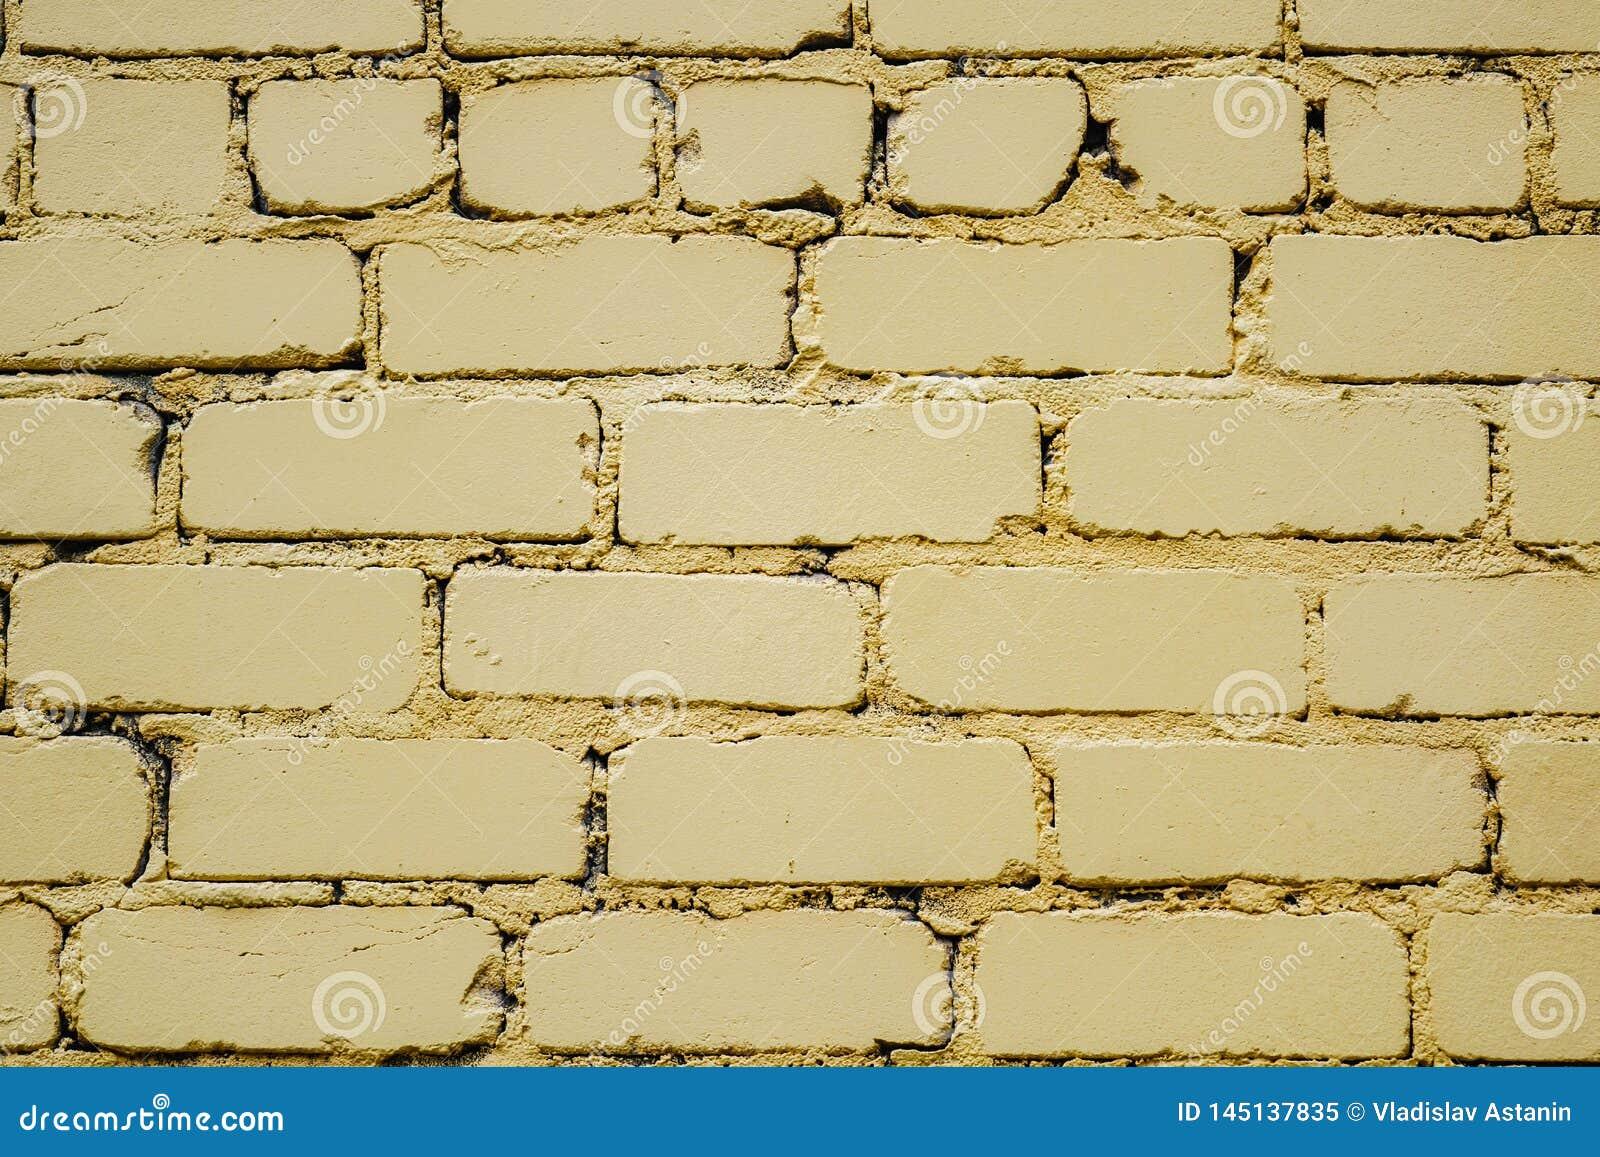 Horizontaal deel van heldere gele geschilderde bakstenen muur